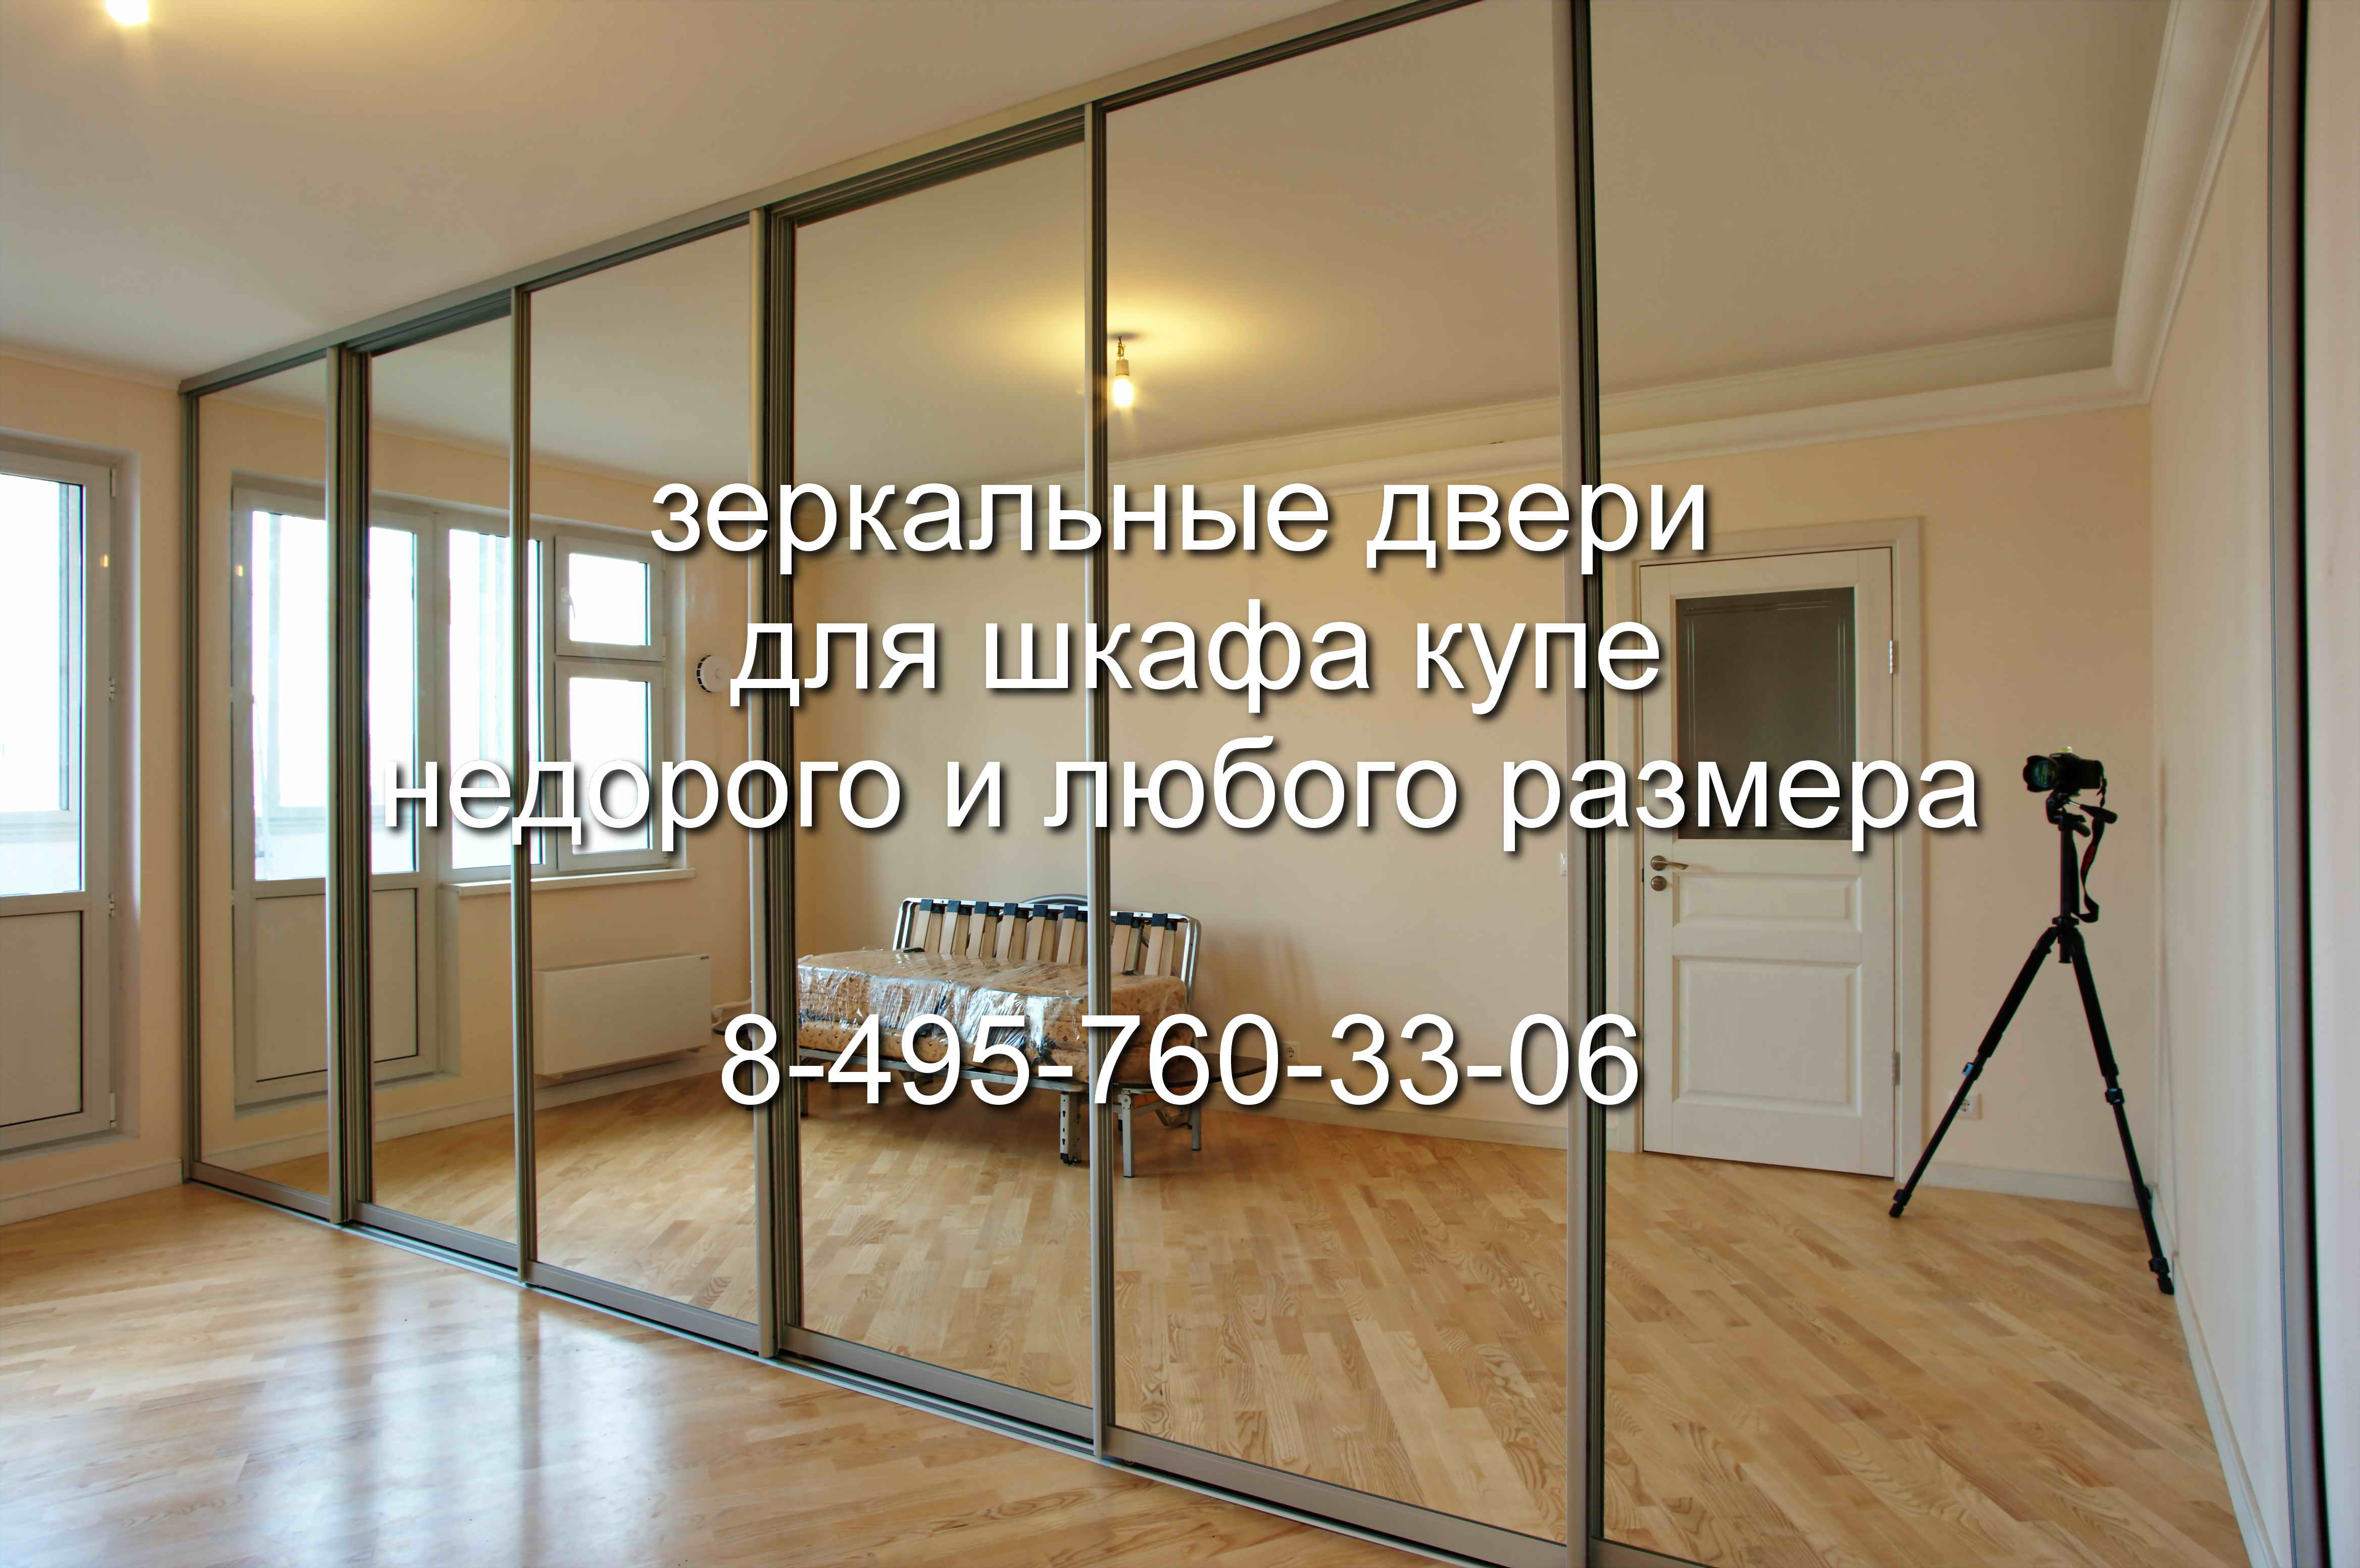 Сборка зеркальных дверей шкафа купе и их установка - главная.